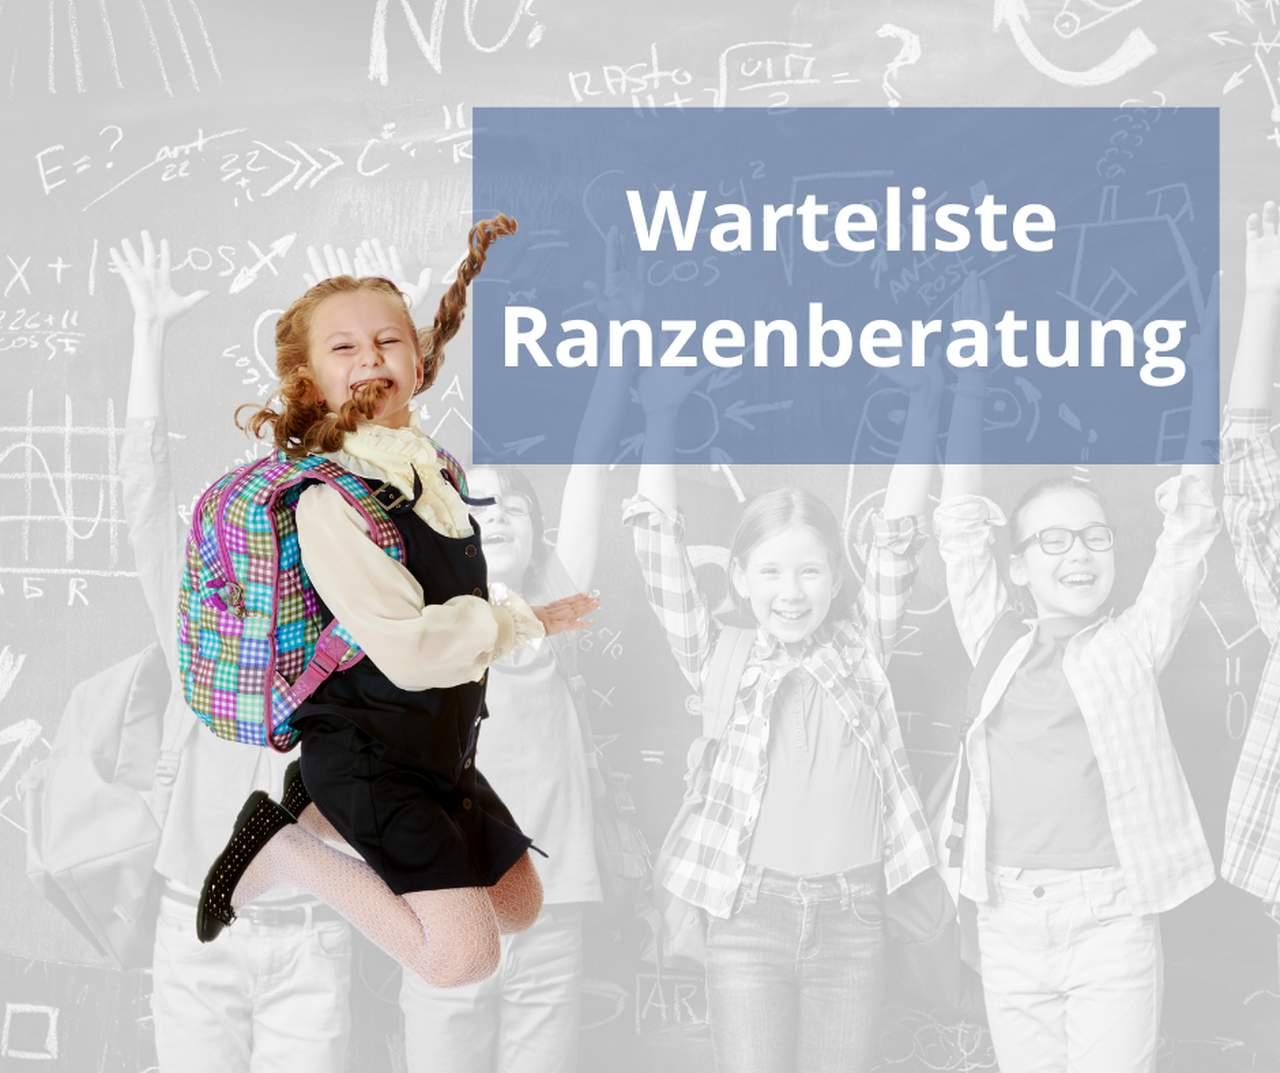 HARMS Lüneburg; Beitragsbild Warteliste Ranzenberatung